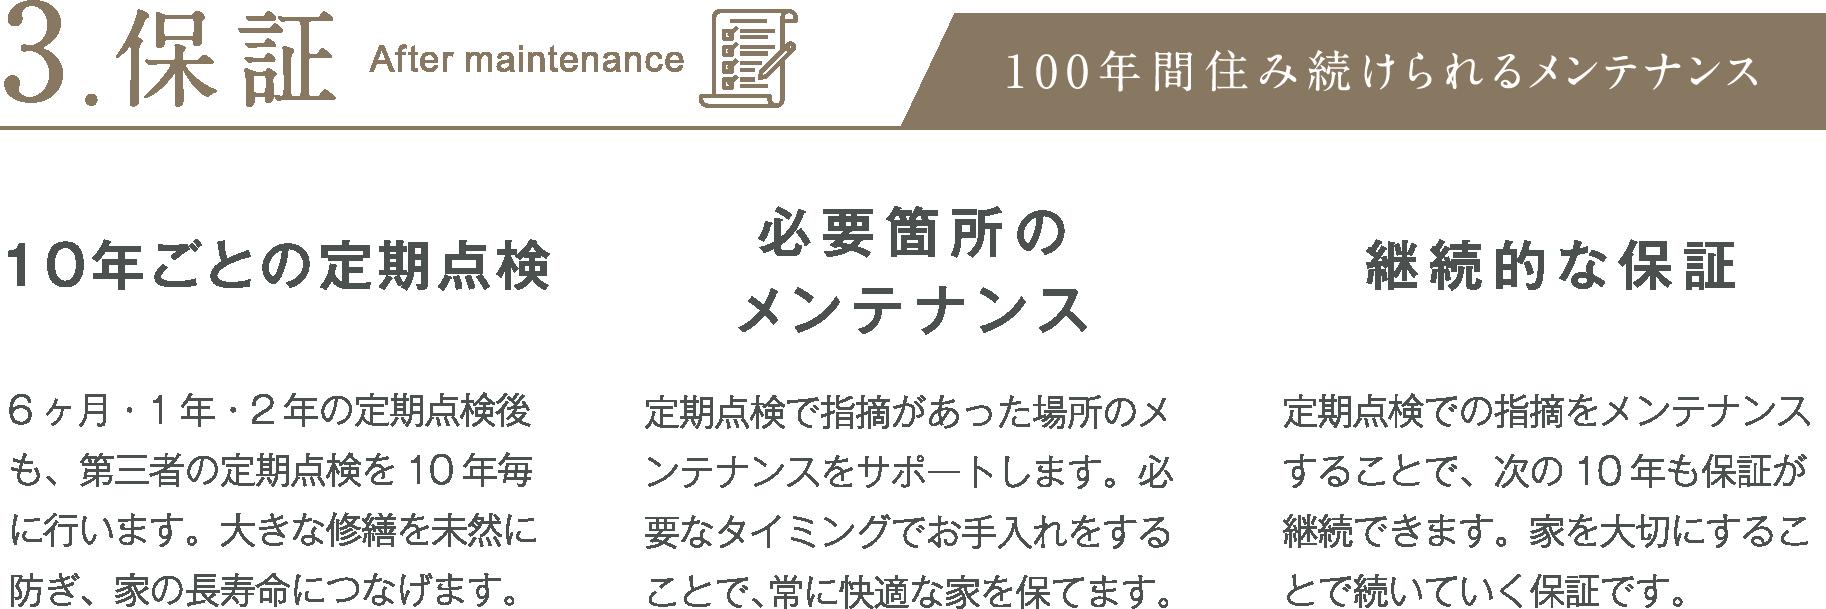 3.保証:100年住み継ぐメンテナンス